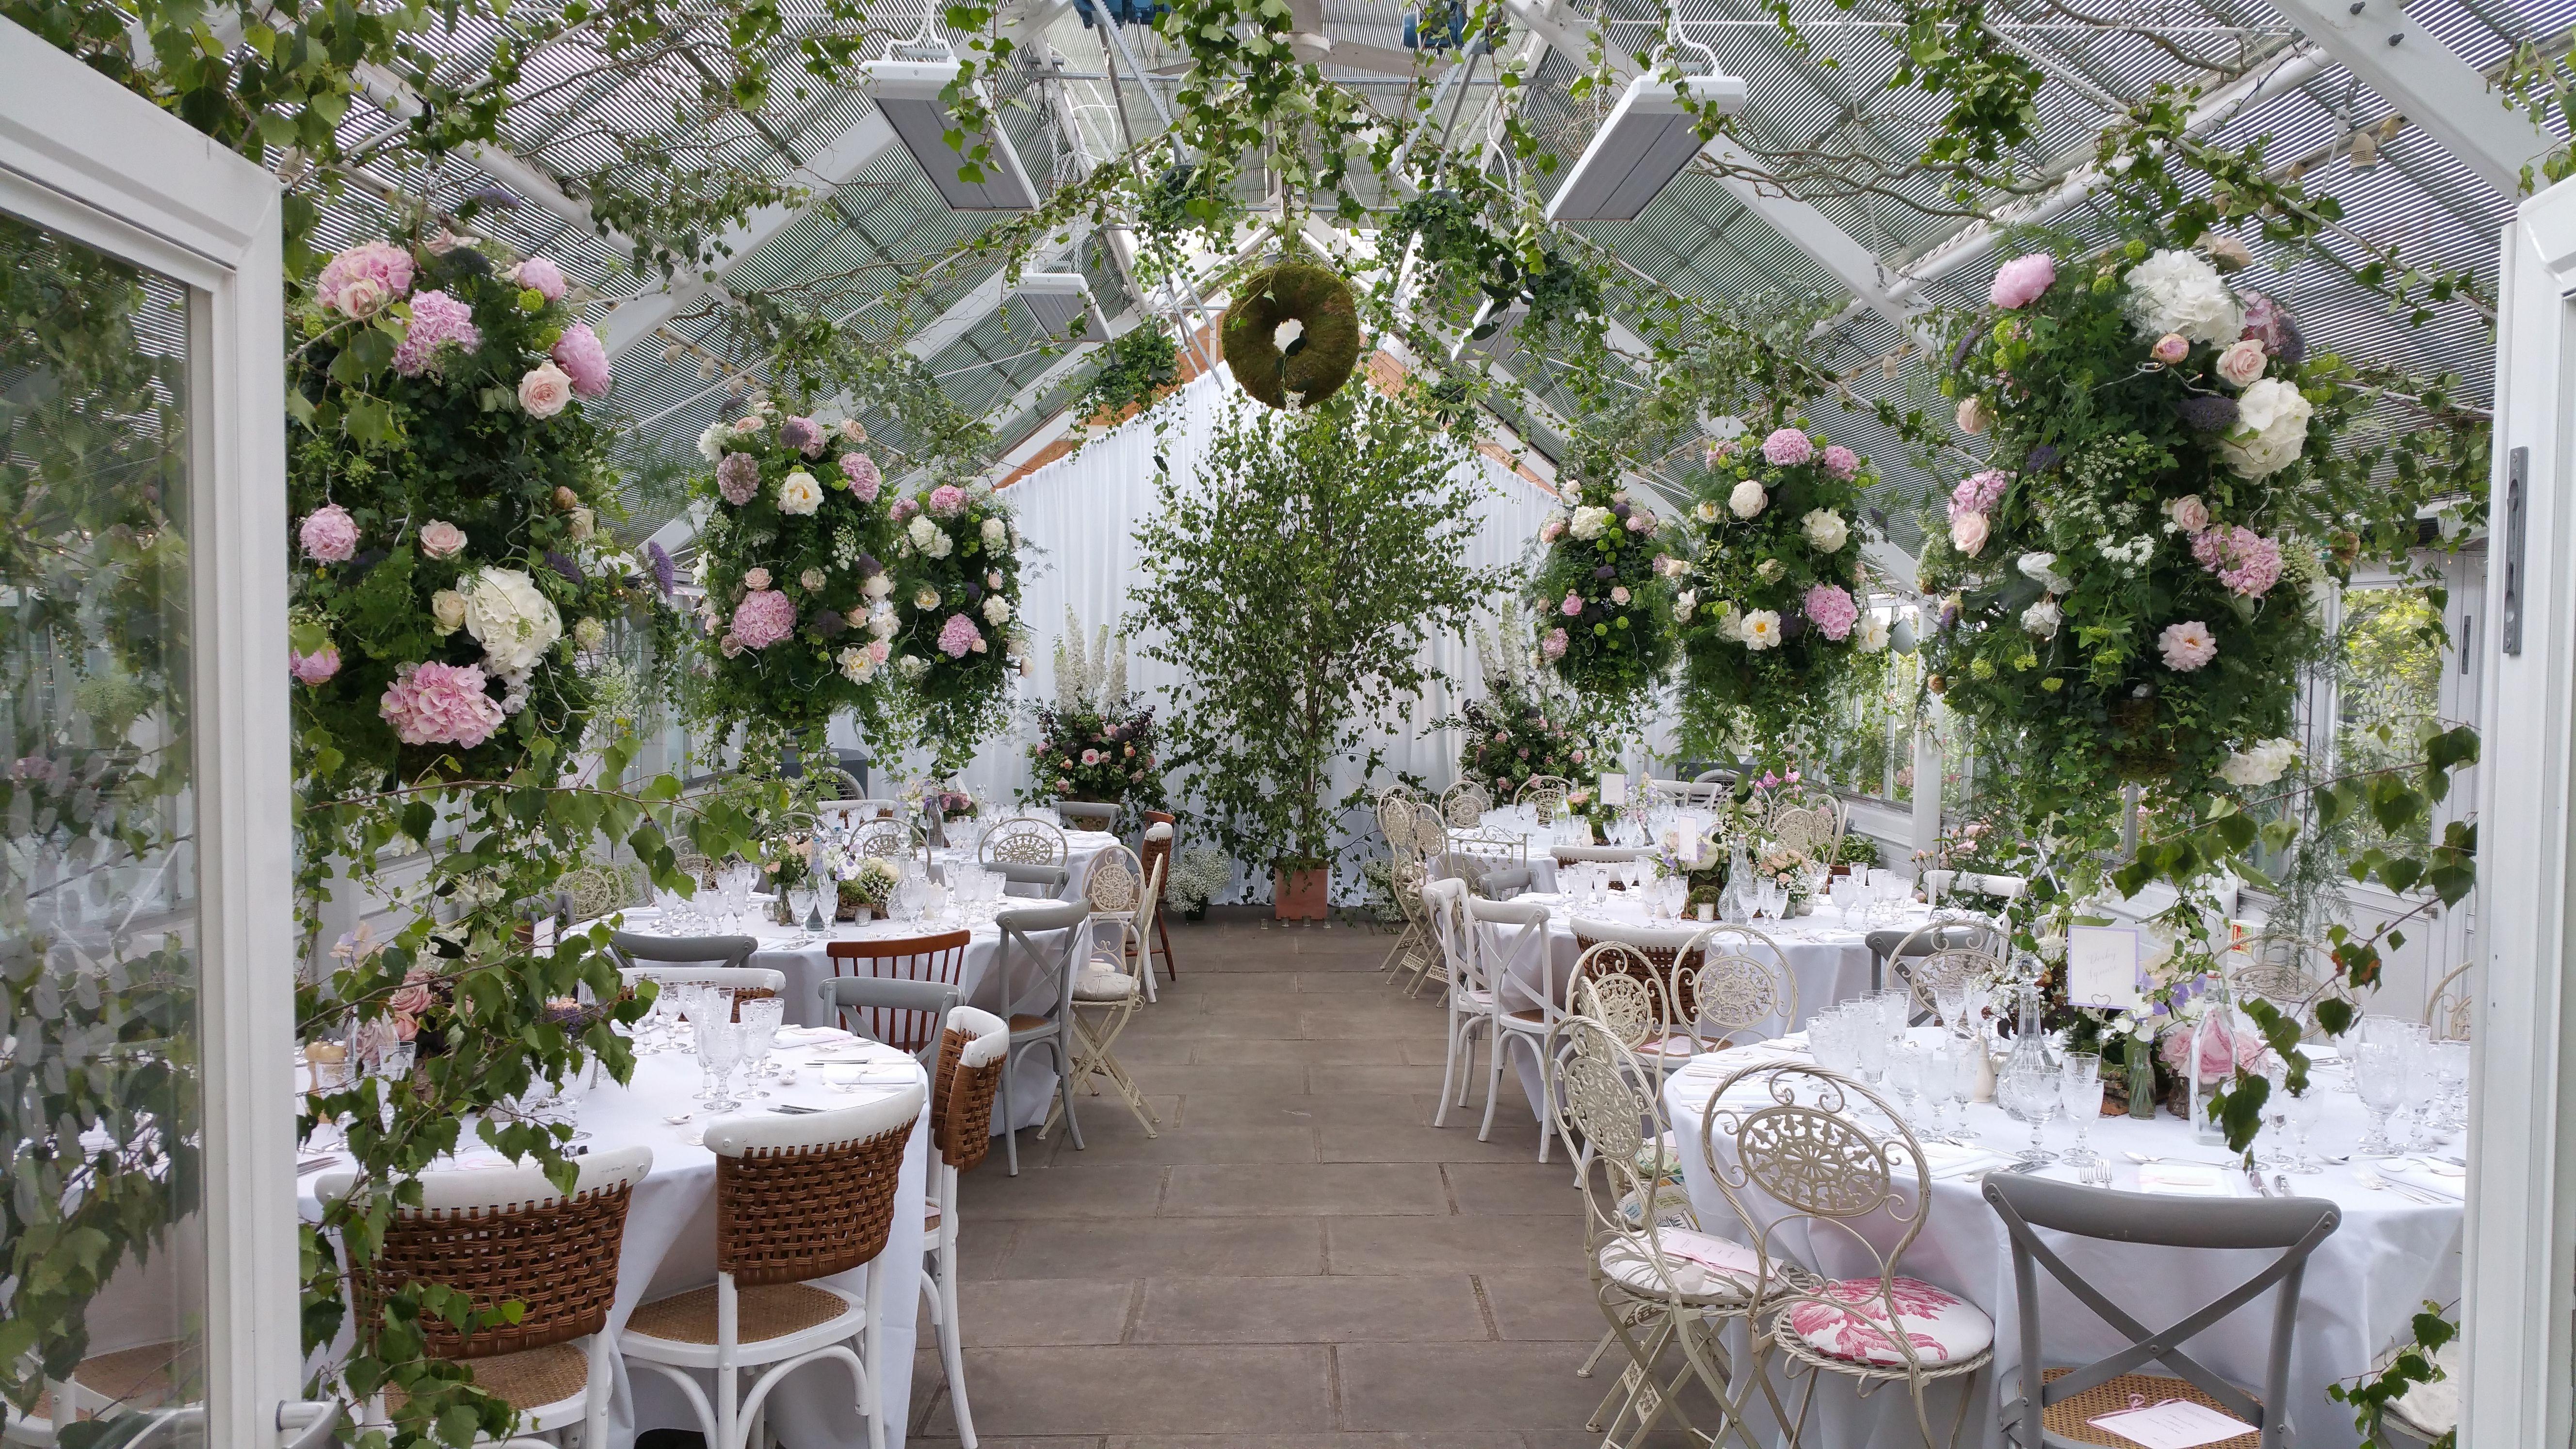 Flower Filled Wedding Venue Dekorasi Pernikahan Pernikahan Minimalis